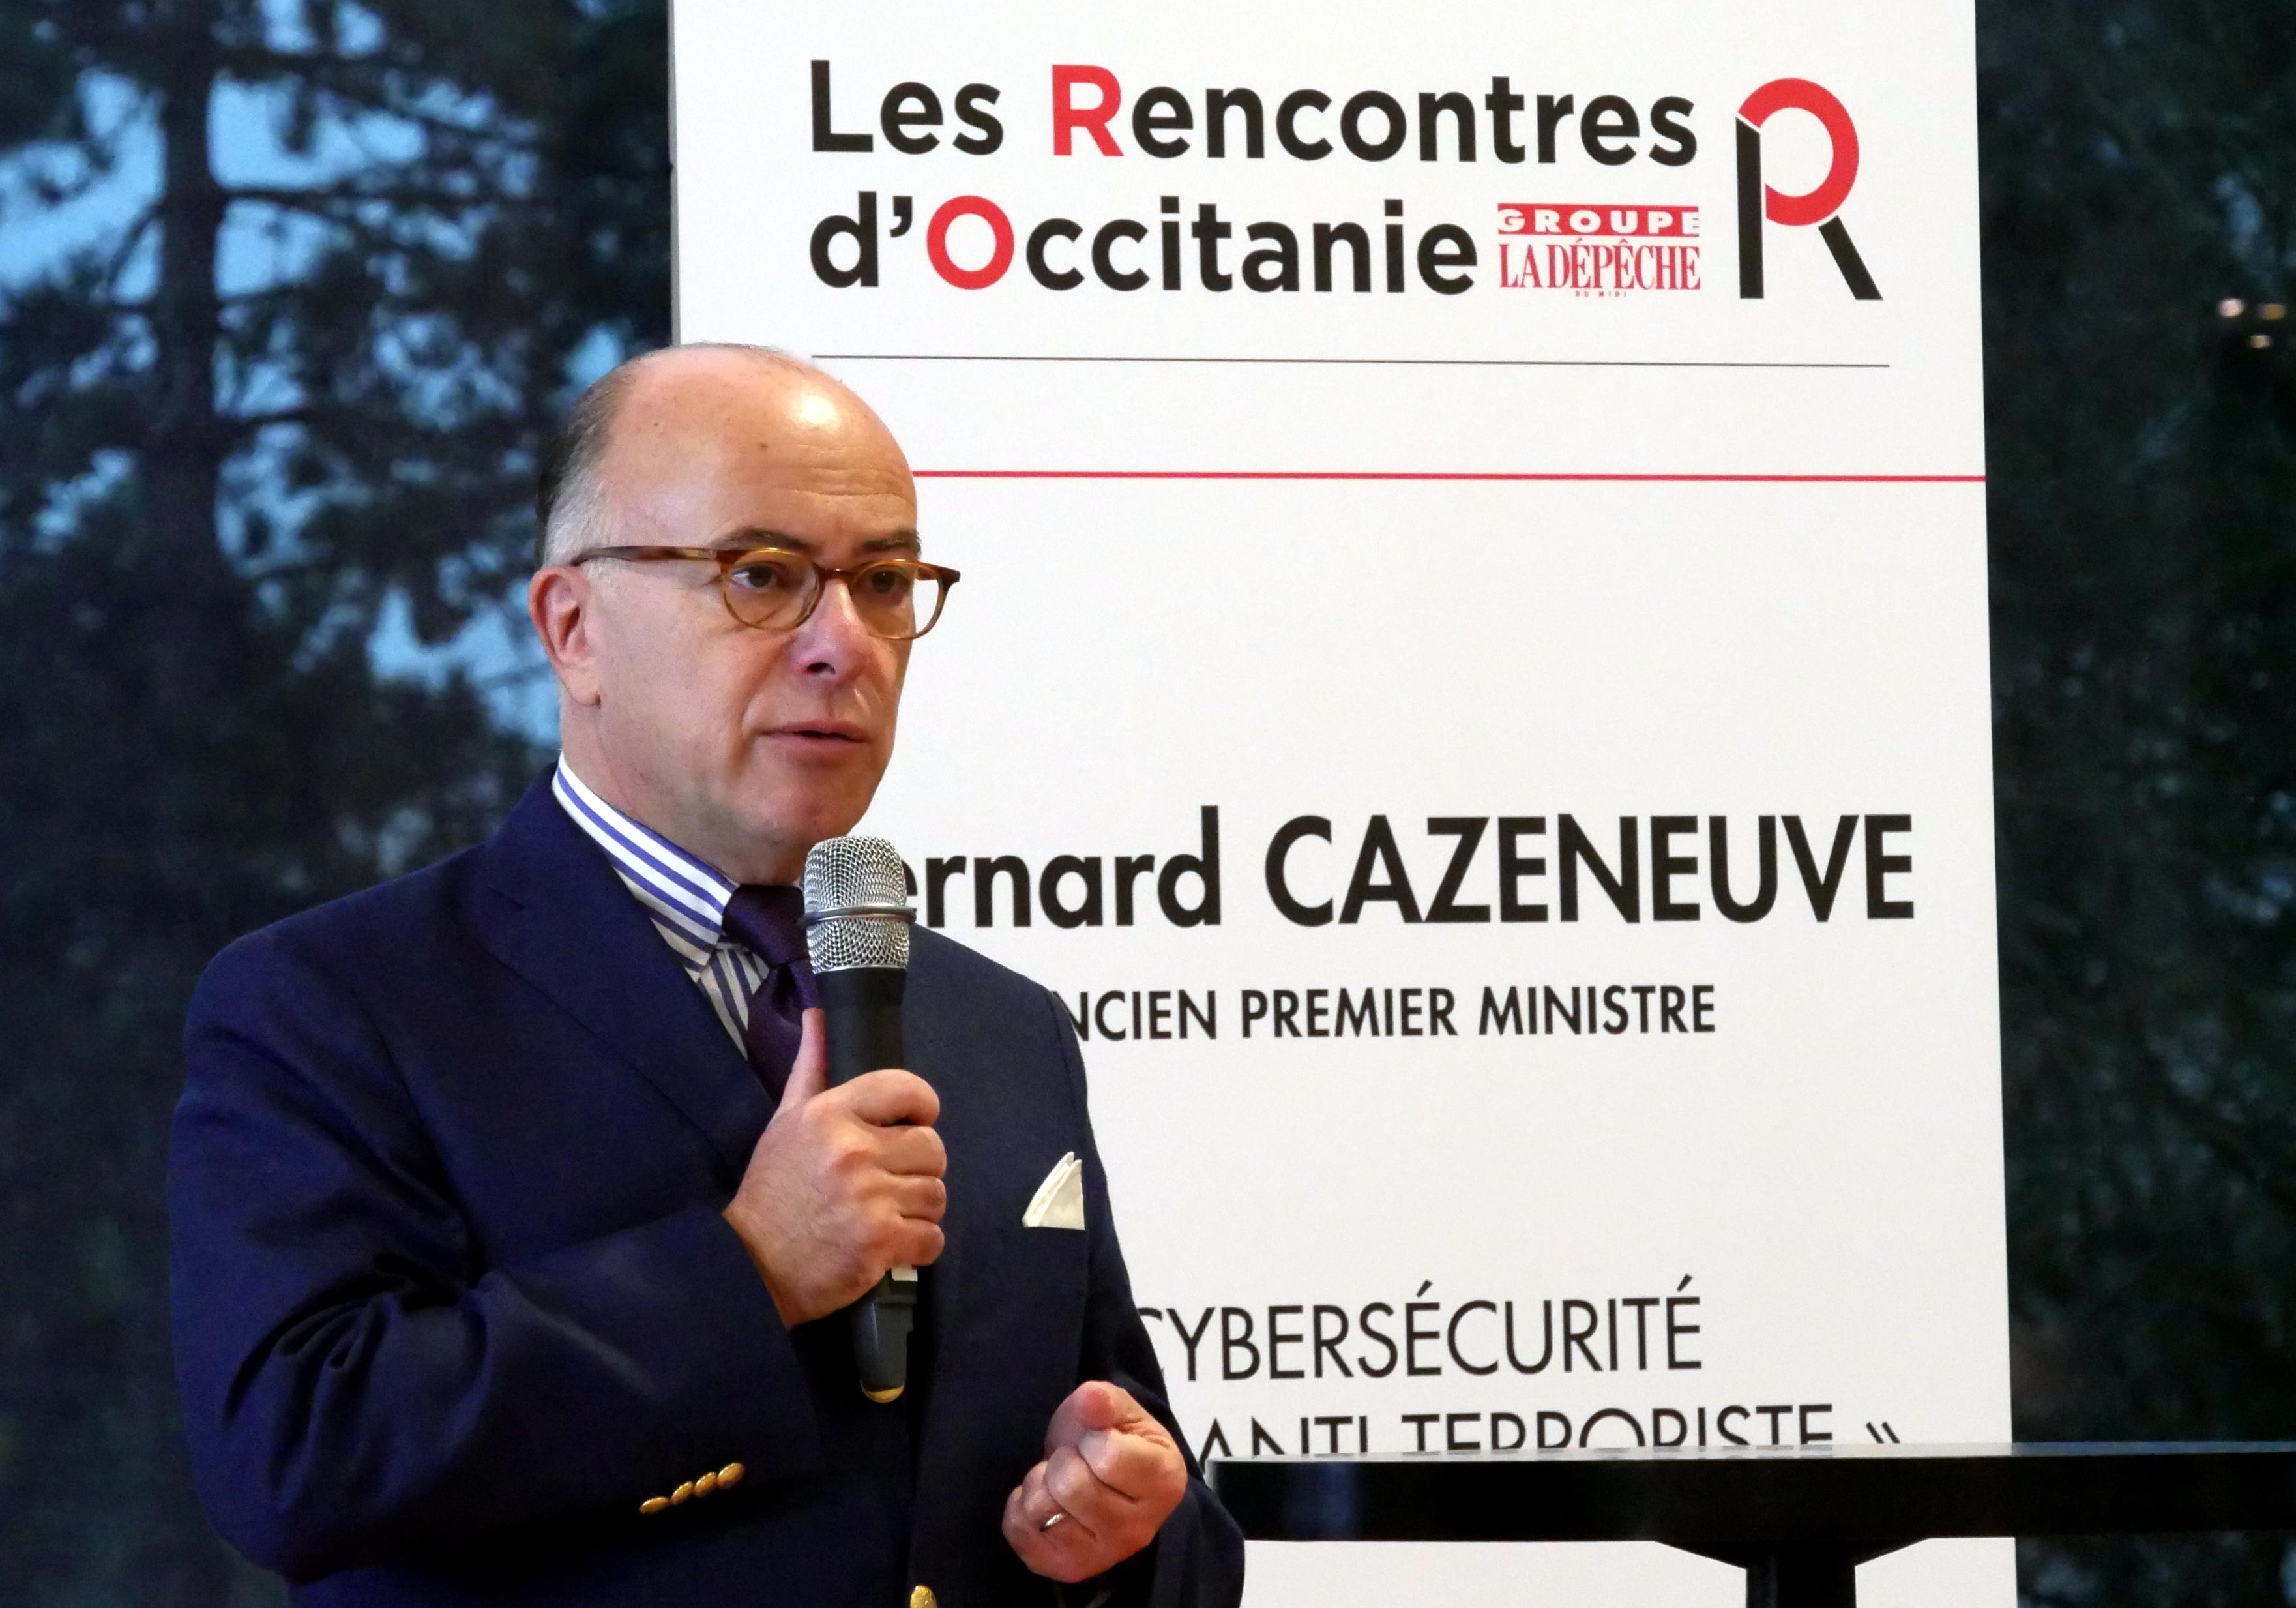 Bernard CAZENEUVE Invité Les Rencontres d'Occitanie - PM1